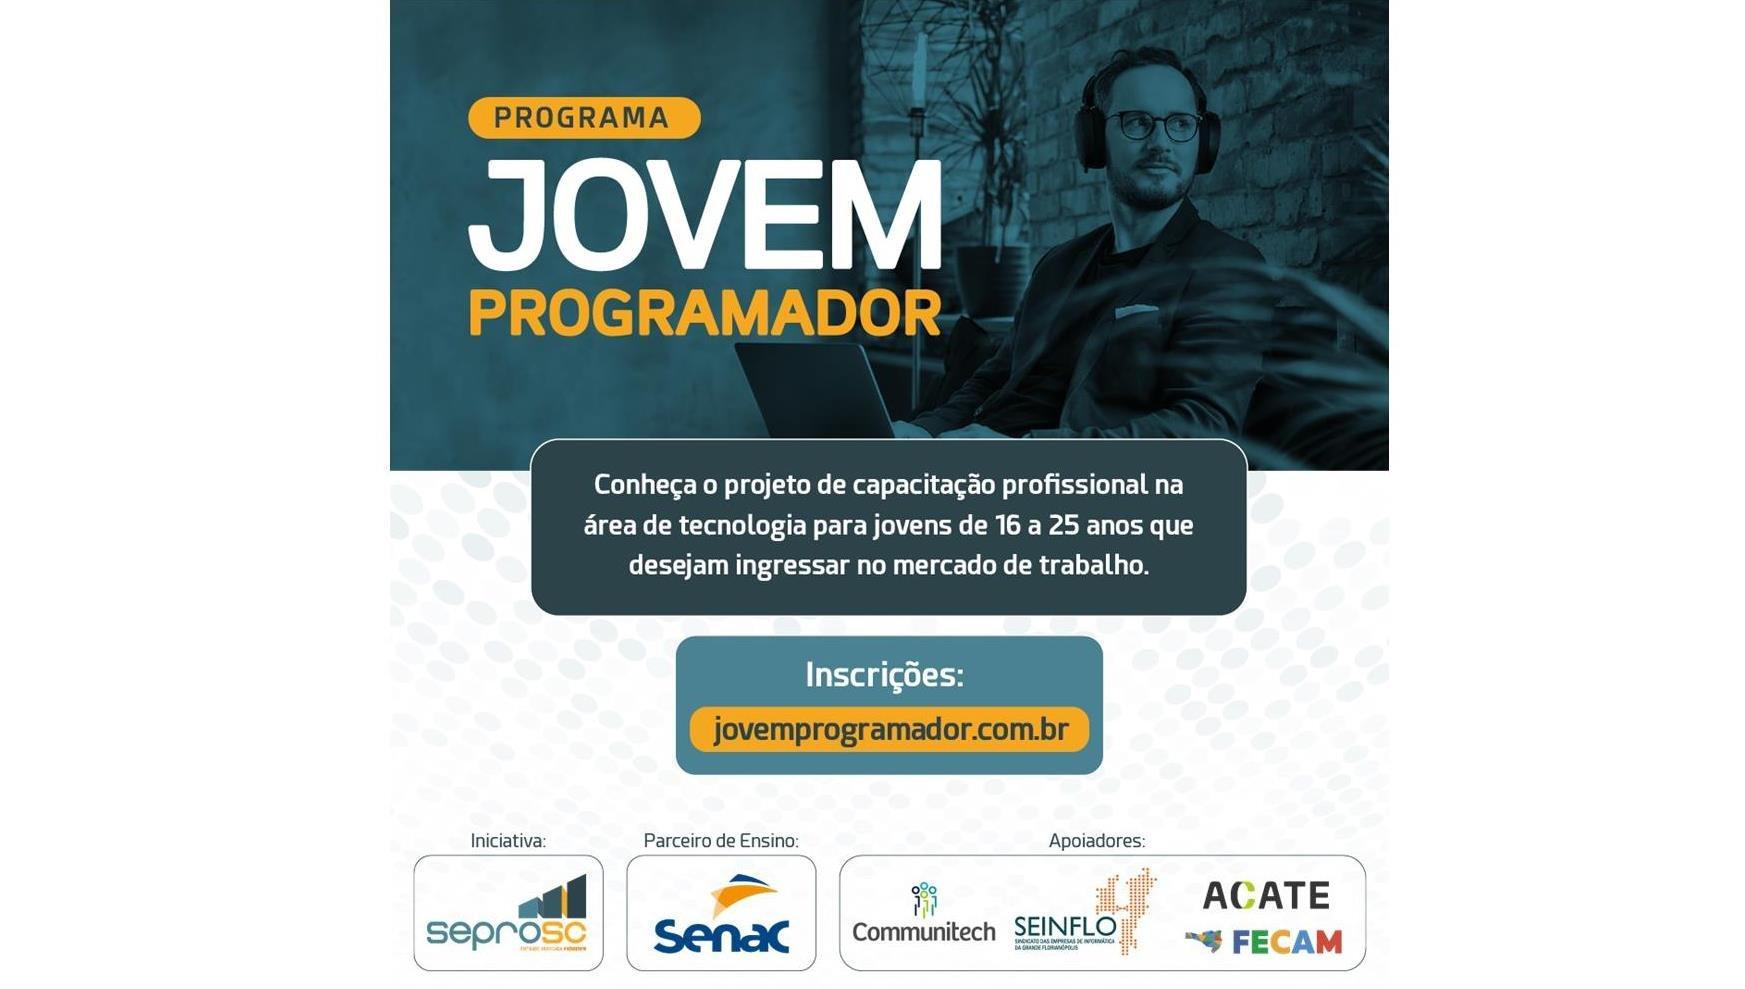 Jovem Programador: inscrições abertas para o projeto de capacitação tecnológica